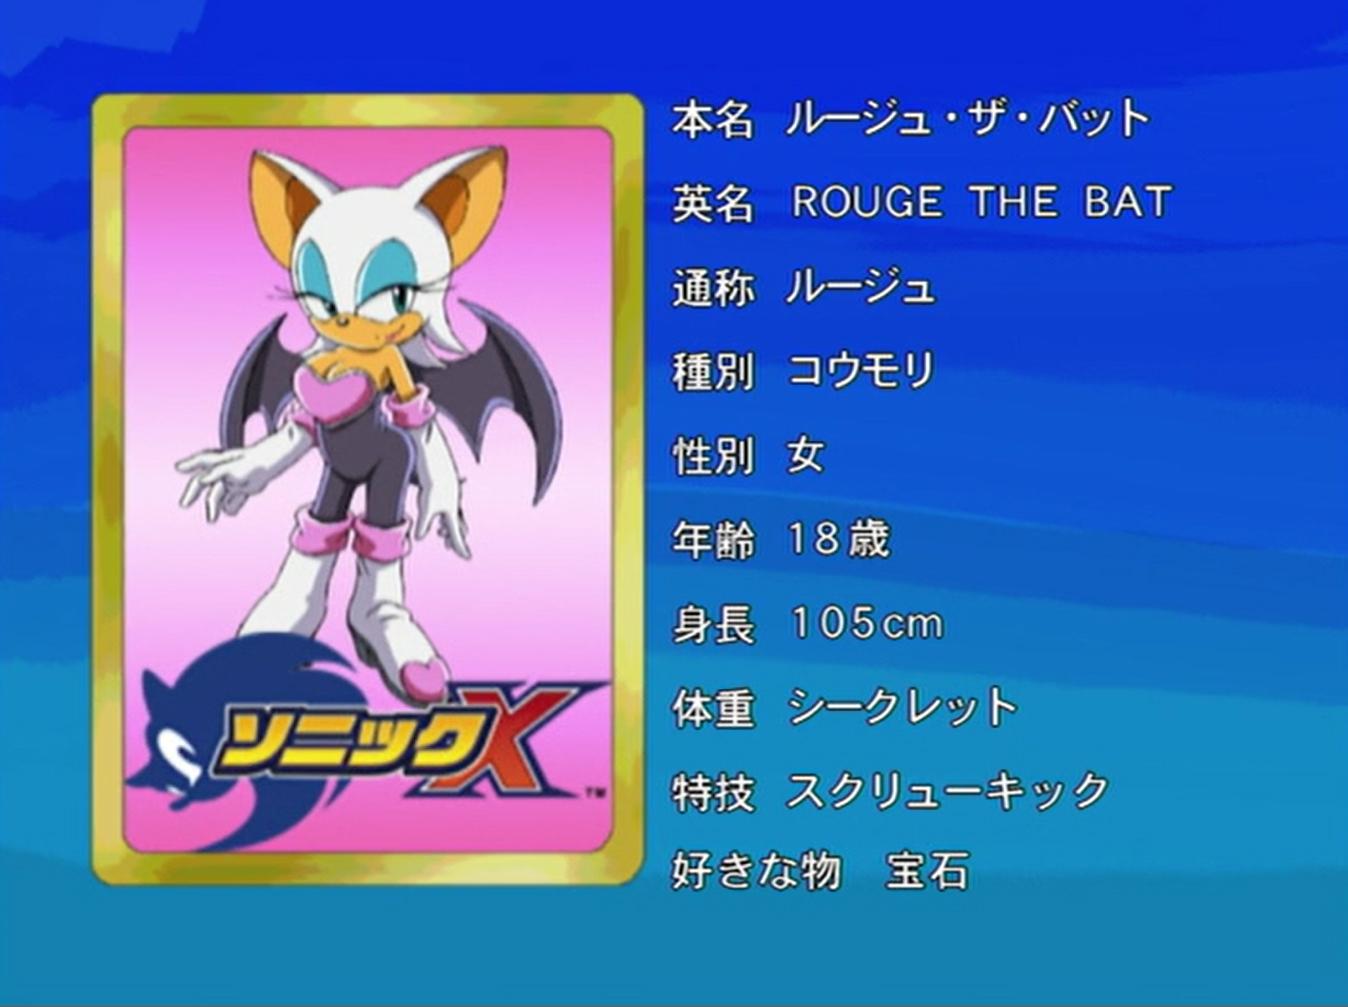 File:Sonicx-ep11-eye1.jpg